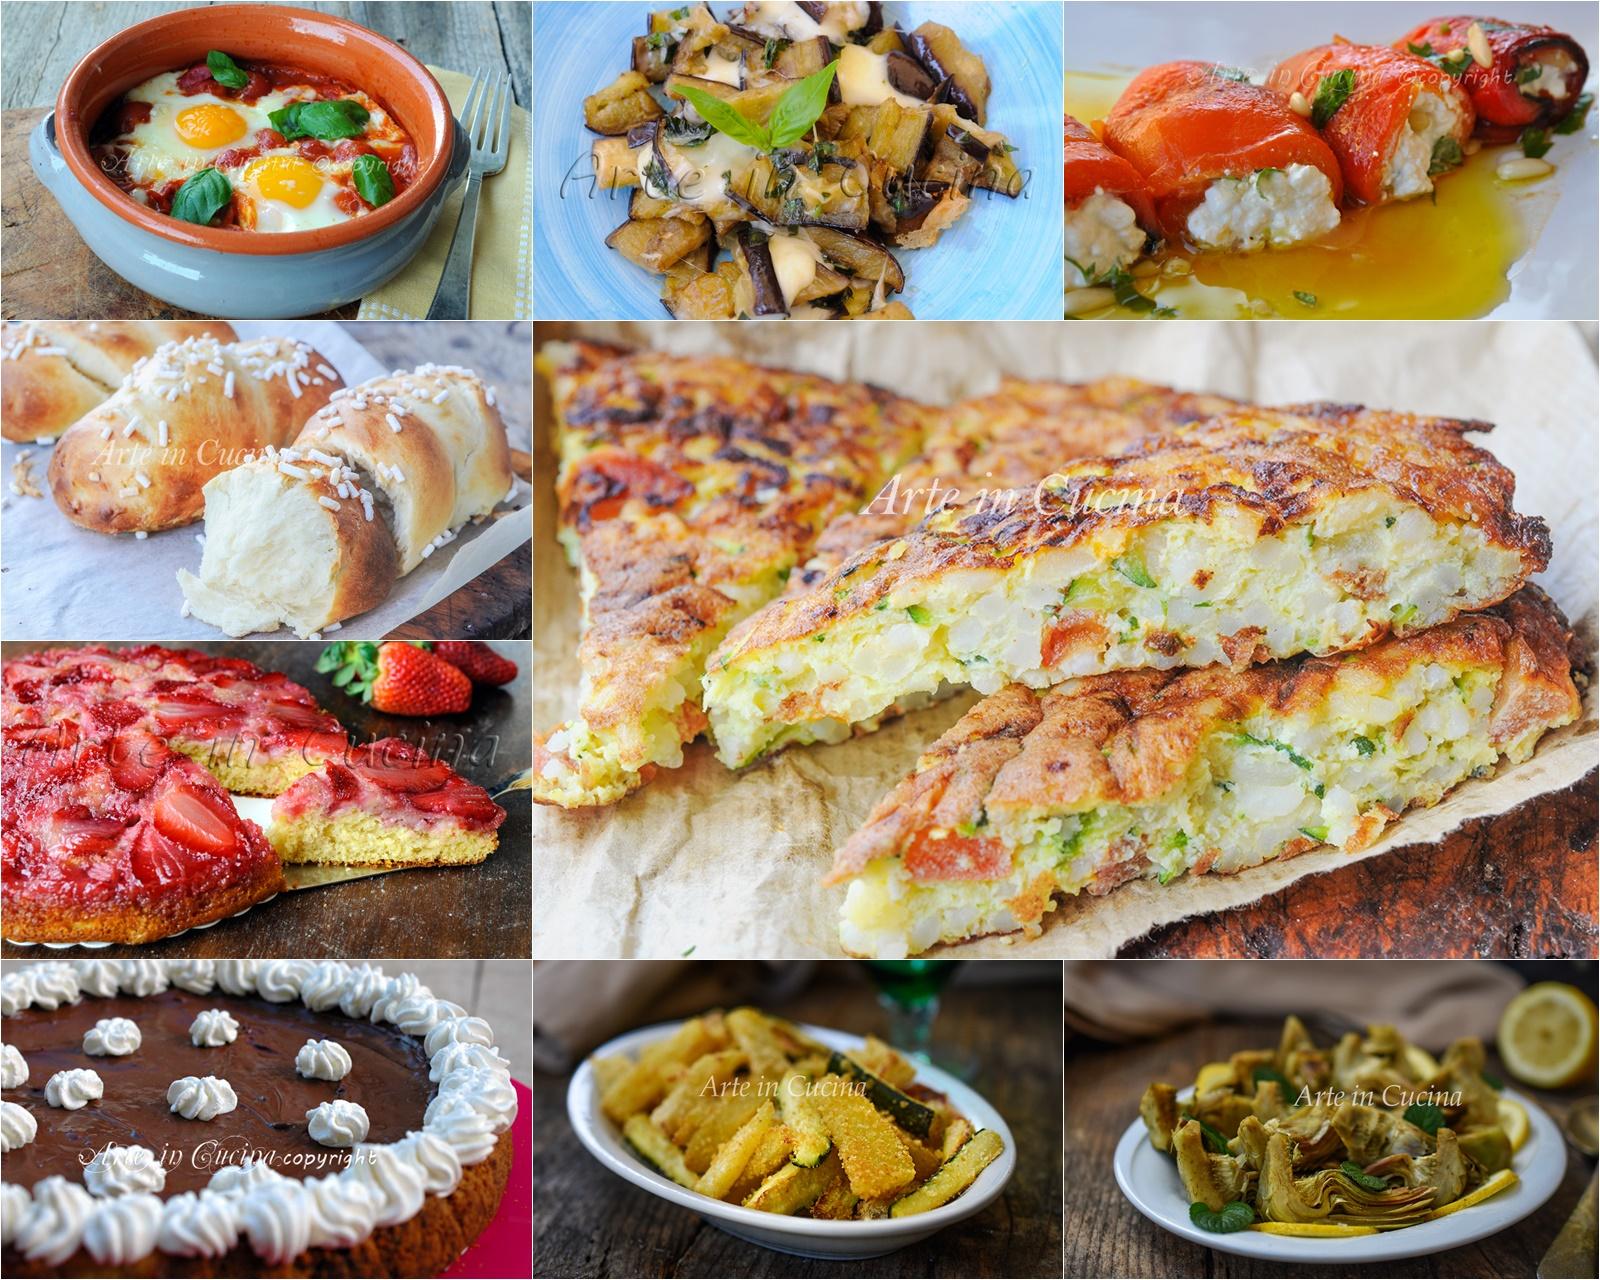 Organizzare Il Menu Della Settimana menu della settimana ricette dall'antipasto al dolce